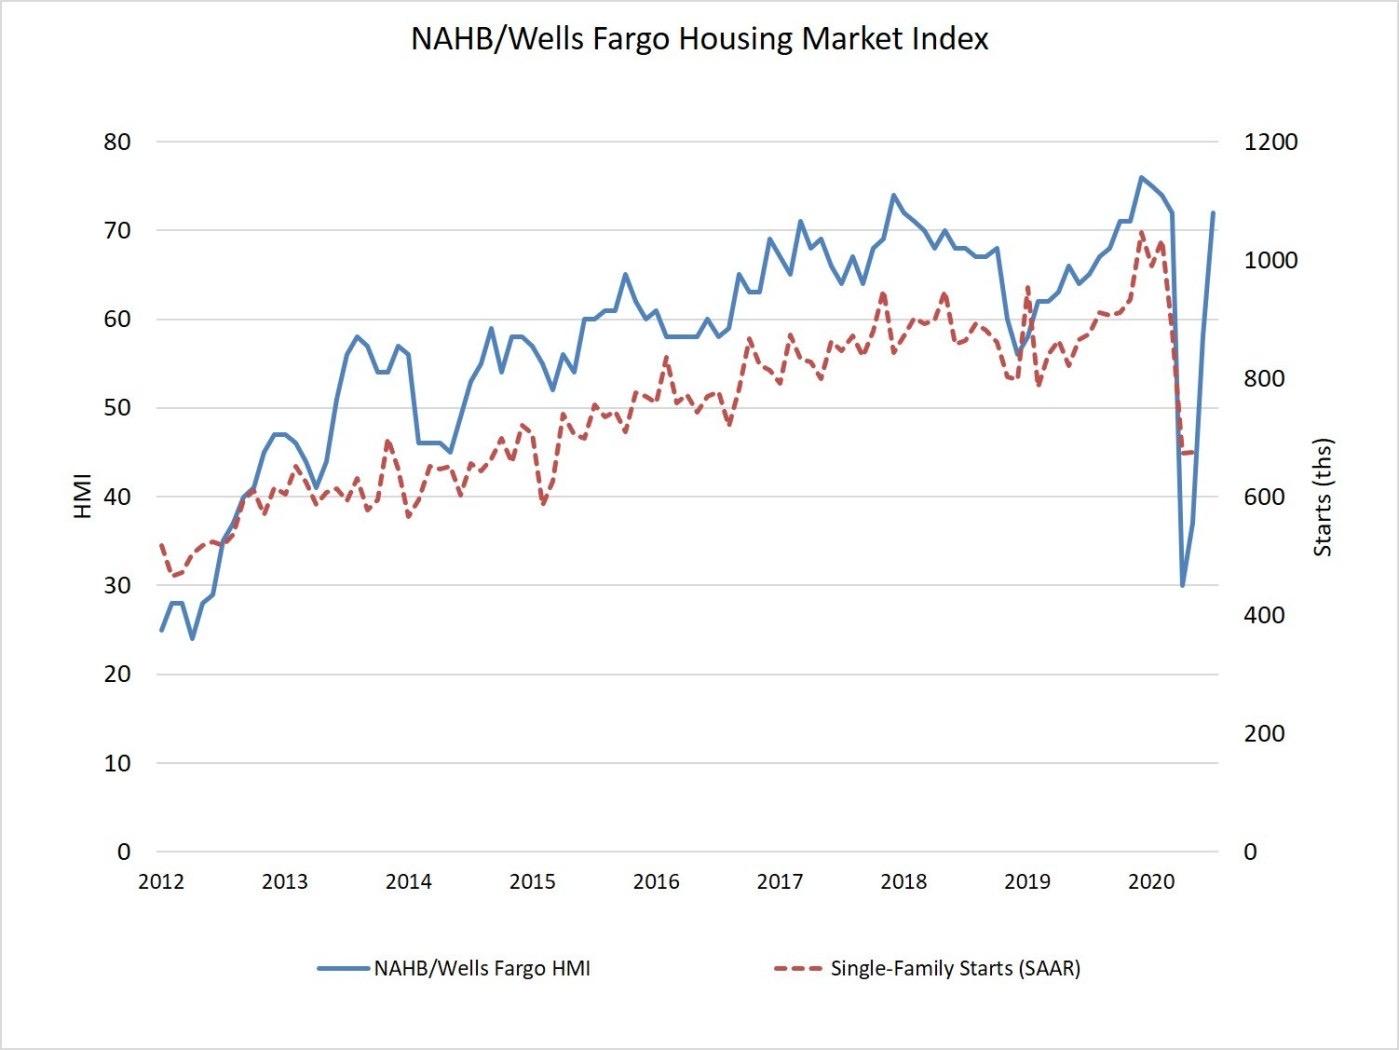 Índice do Mercado Imobiliário NAHB / Wells Fargo - taxa média de hipoteca fixa em 30 anos abaixo de 3% está ajudando o mercado imobiliário